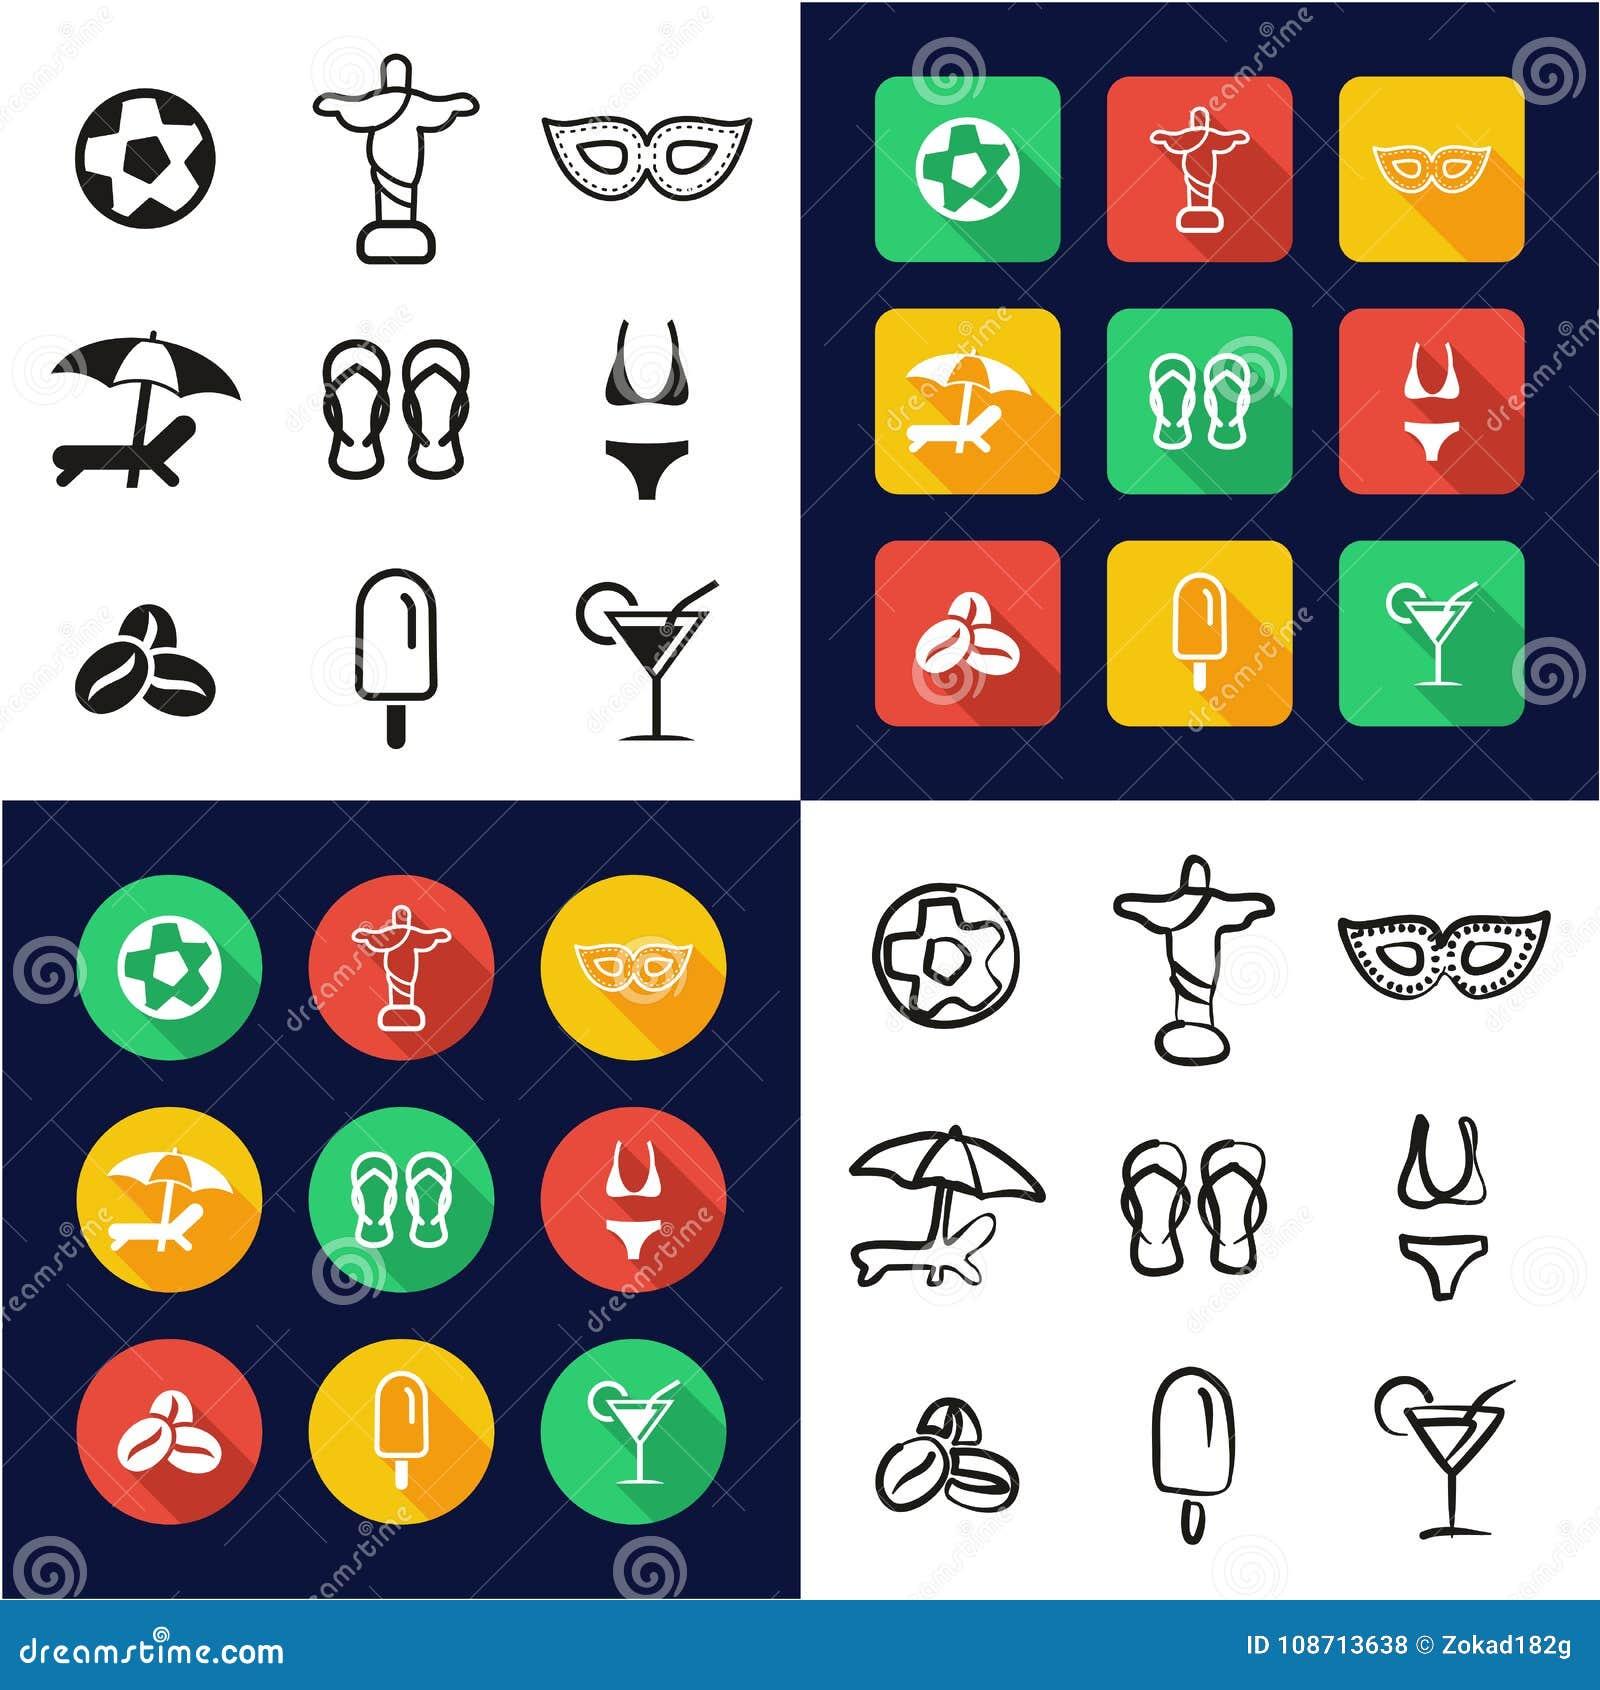 c376989f05 Cultura brasileira toda nos ícones um pretos   no grupo a mão livre do  projeto liso